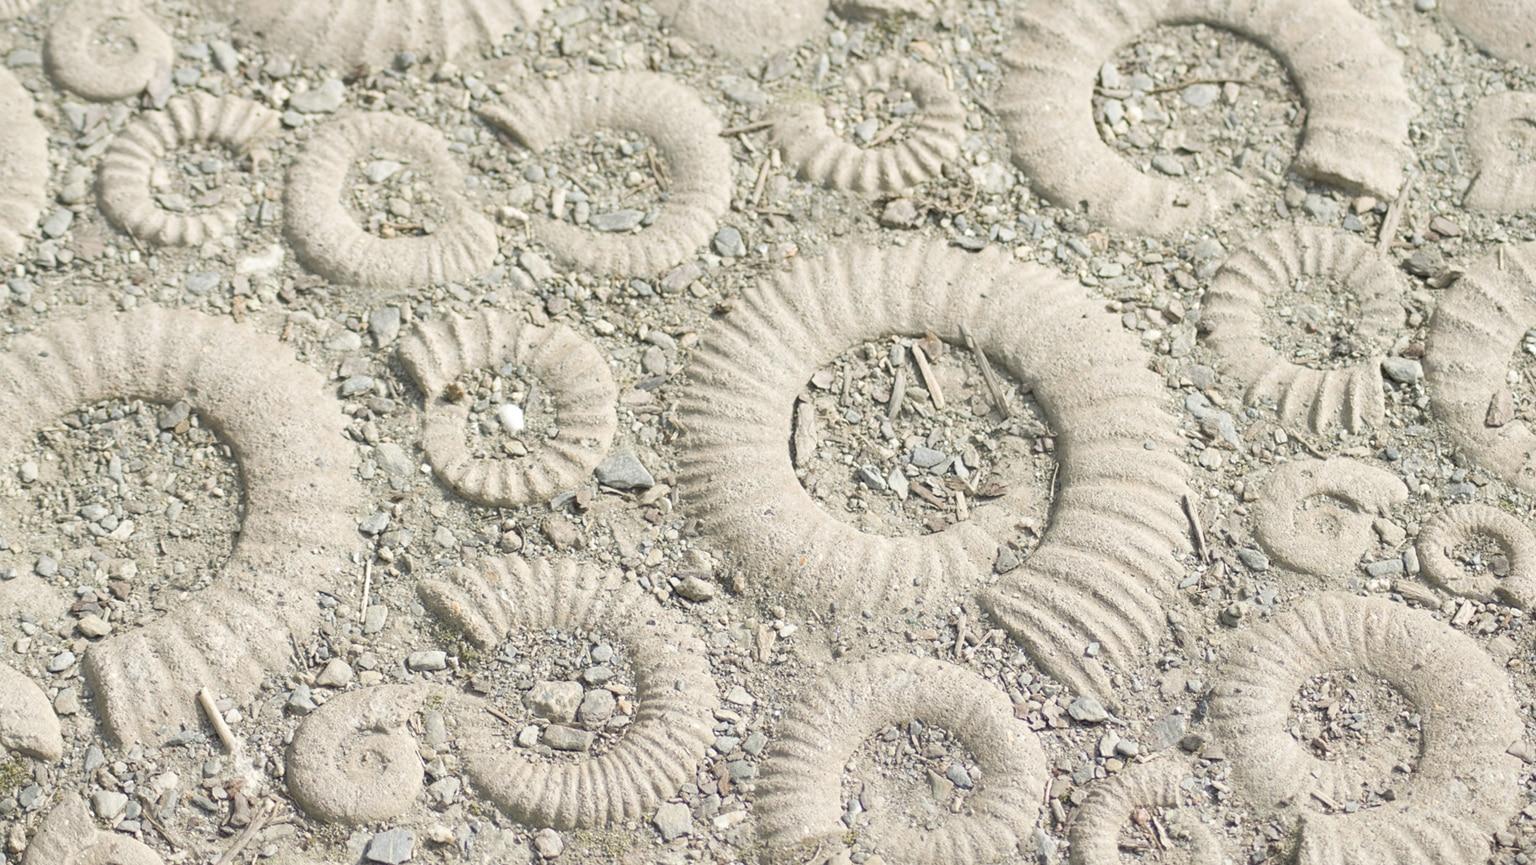 Monsters of the Deep—Mesozoic Oceans